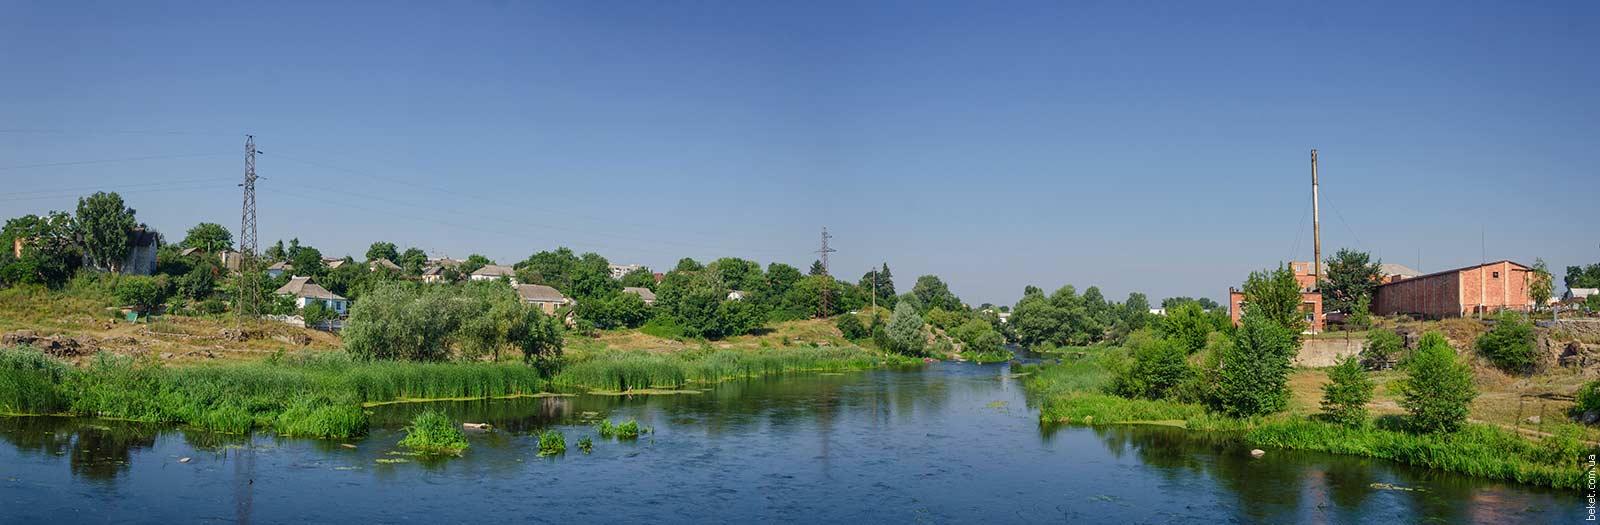 Киевская область г богуслав фото